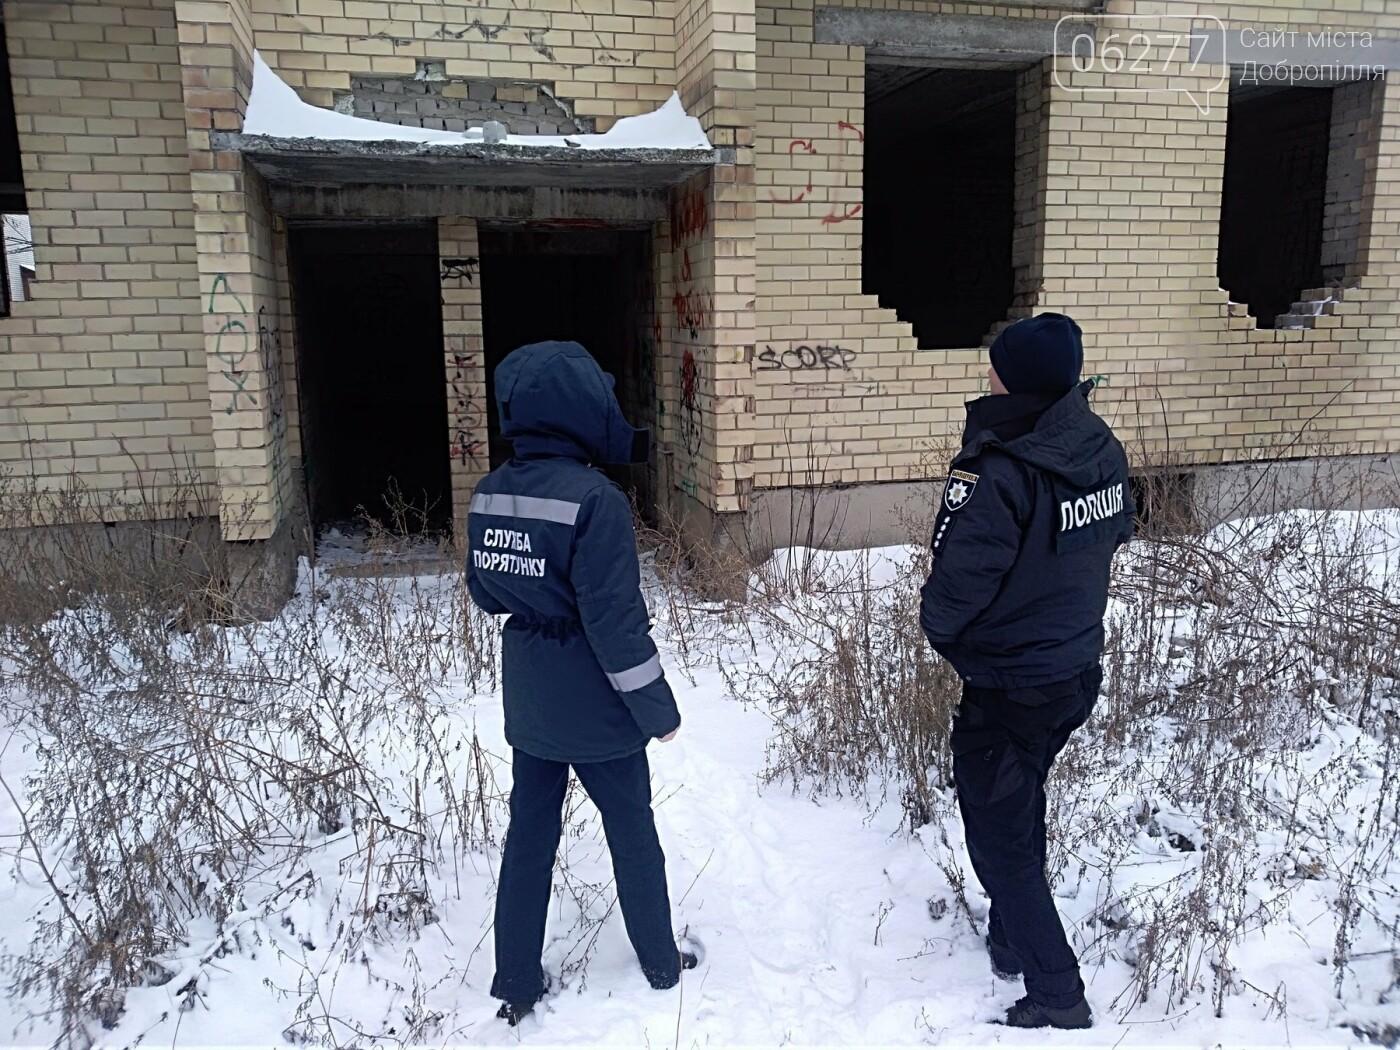 Рятувальники Добропілля спільно з поліцією провели рейд по покинутим будівлям, фото-5